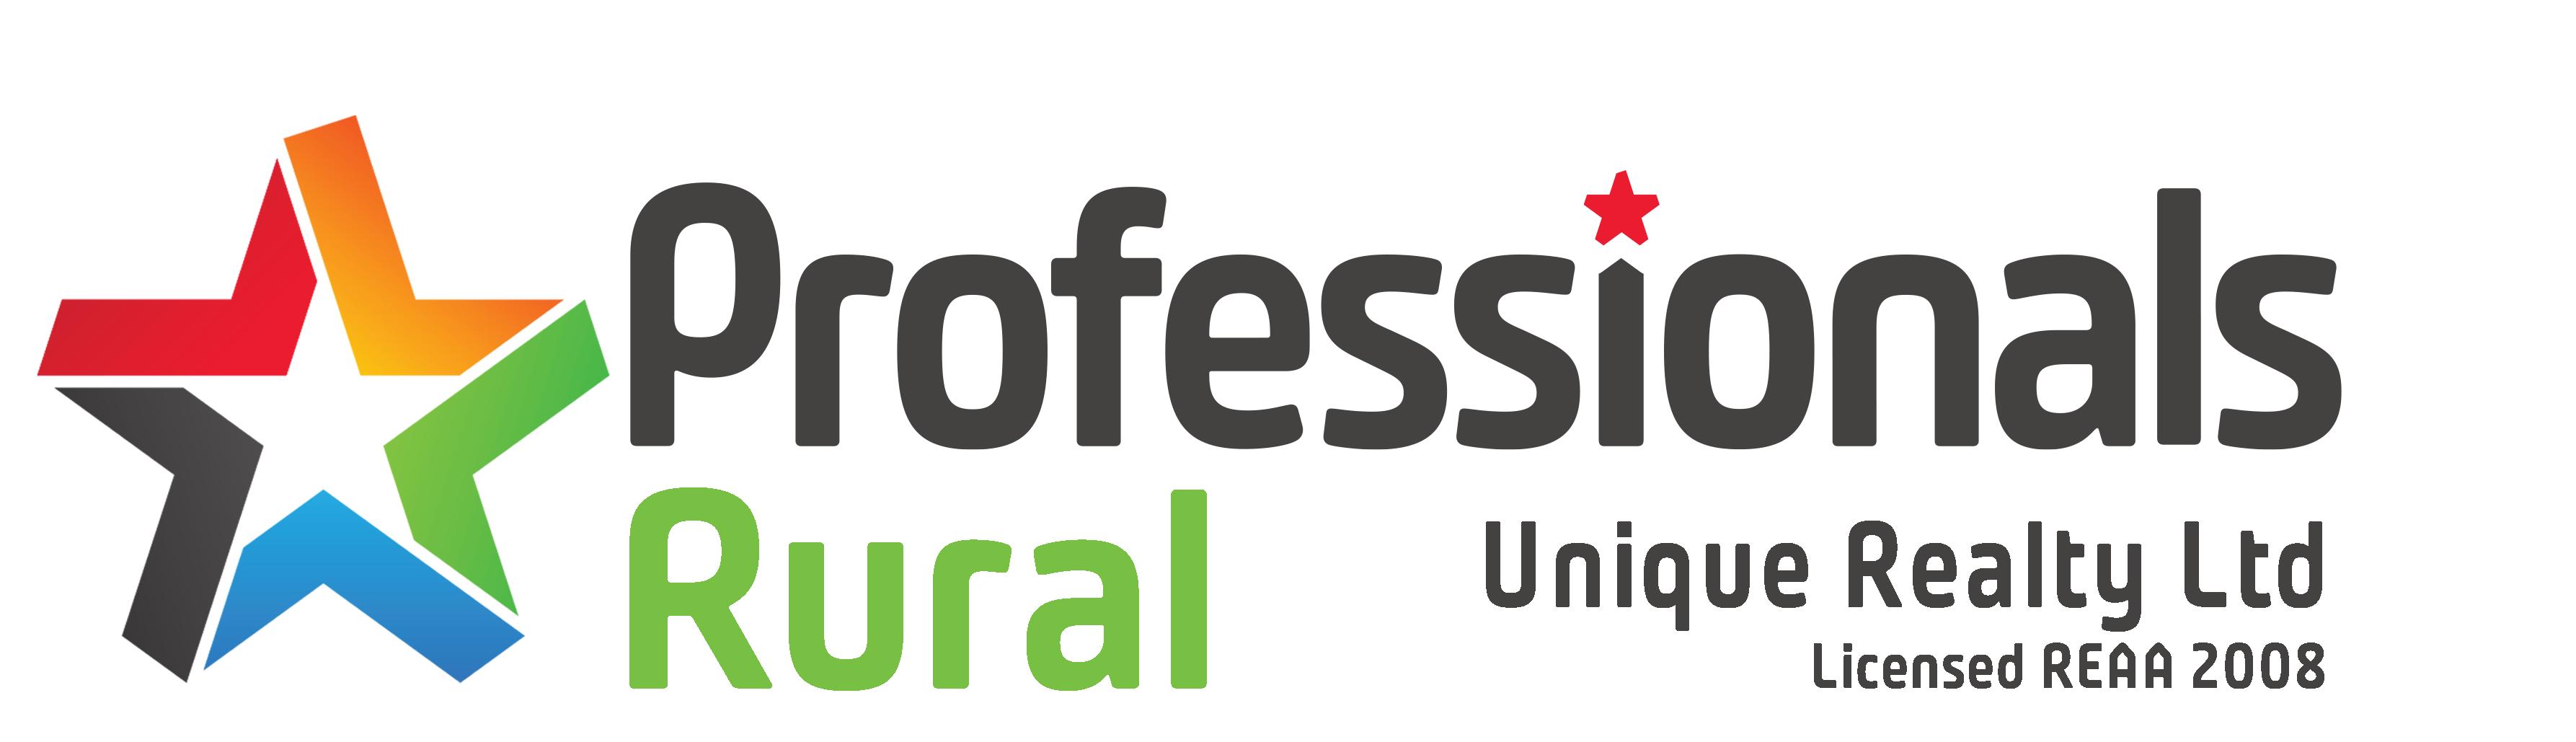 Professionals Rural